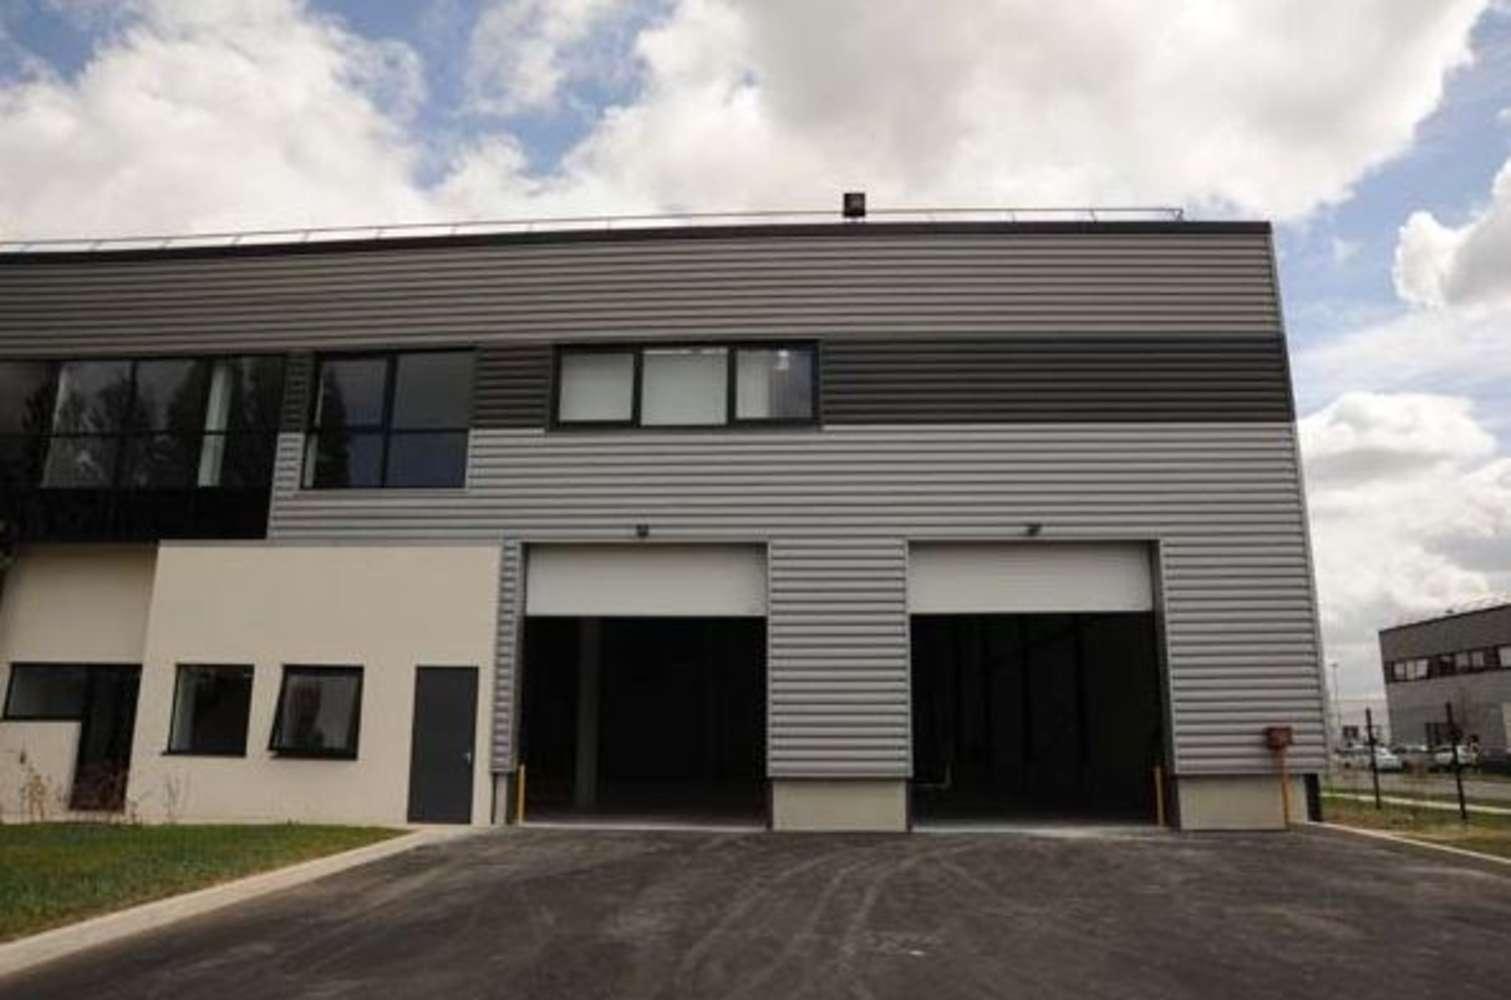 Activités/entrepôt La courneuve, 93120 - PARC JEAN MERMOZ - 9462676